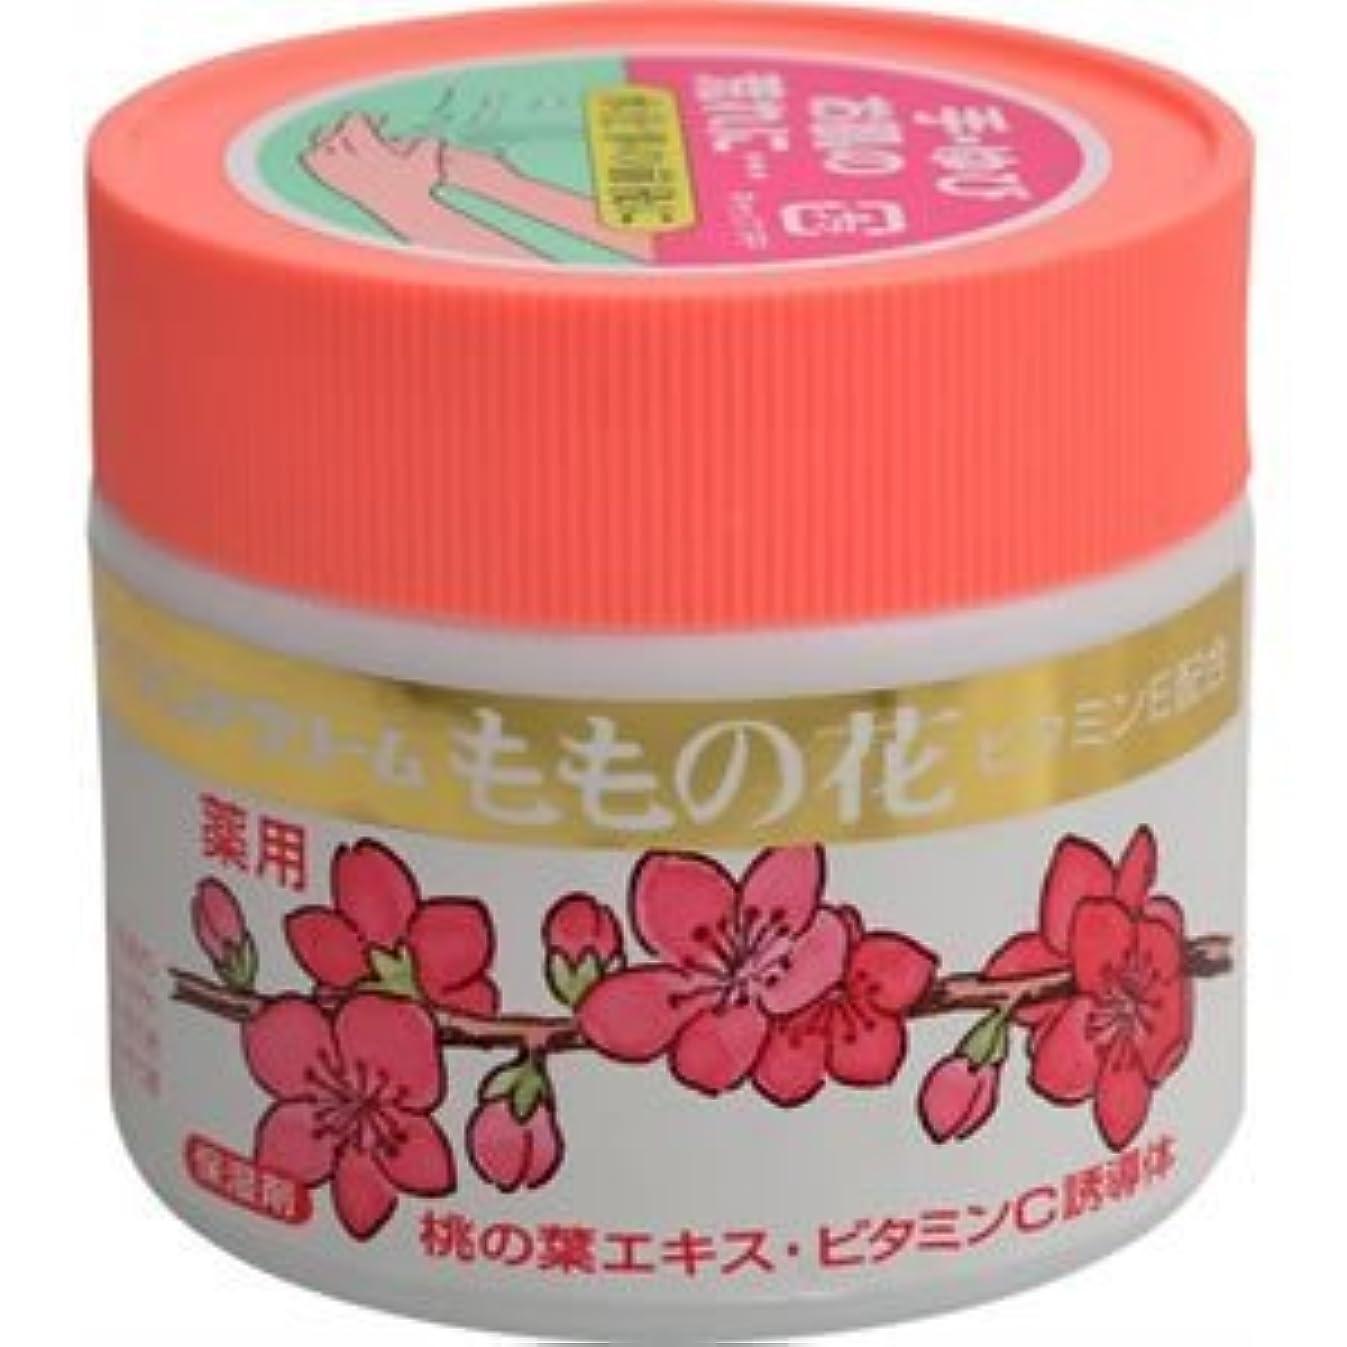 ゴミ箱オゾンスピーカー(オリヂナル株式会社)ももの花 薬用ハンドクリーム 70g(医薬部外品)